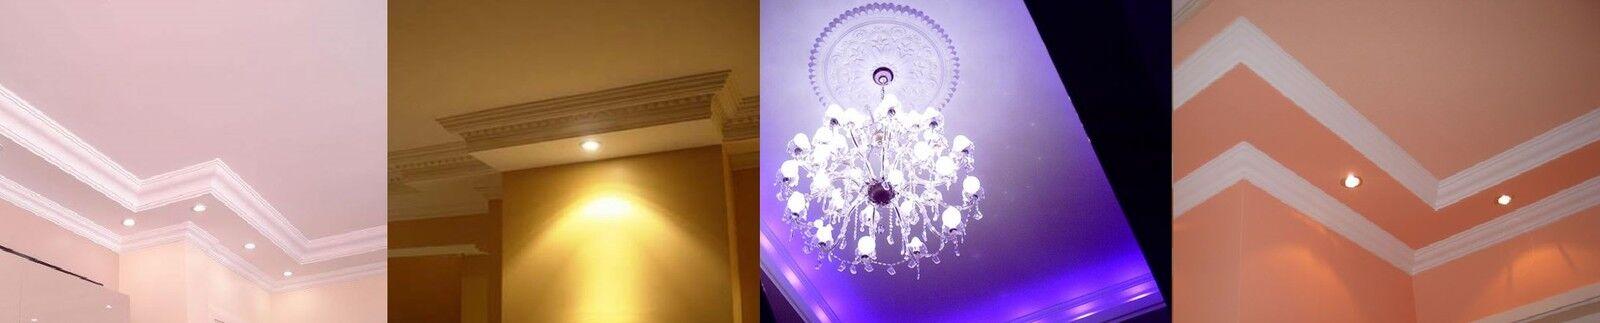 Villa Cornice- Decorative Mouldings